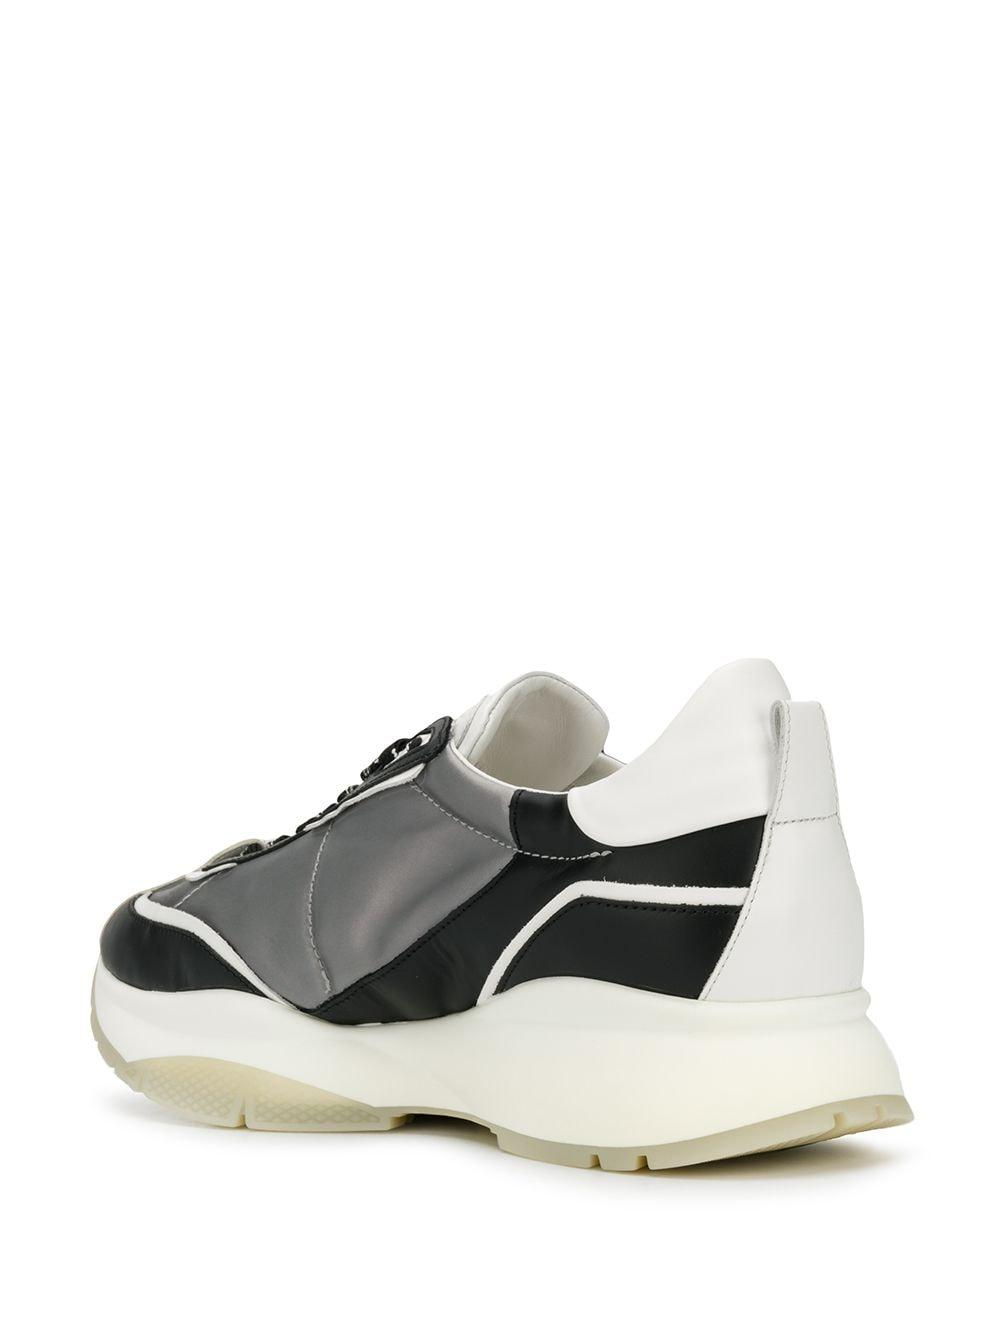 Jimmy Choo Leer Raine Low-top Sneakers in het Grijs voor heren